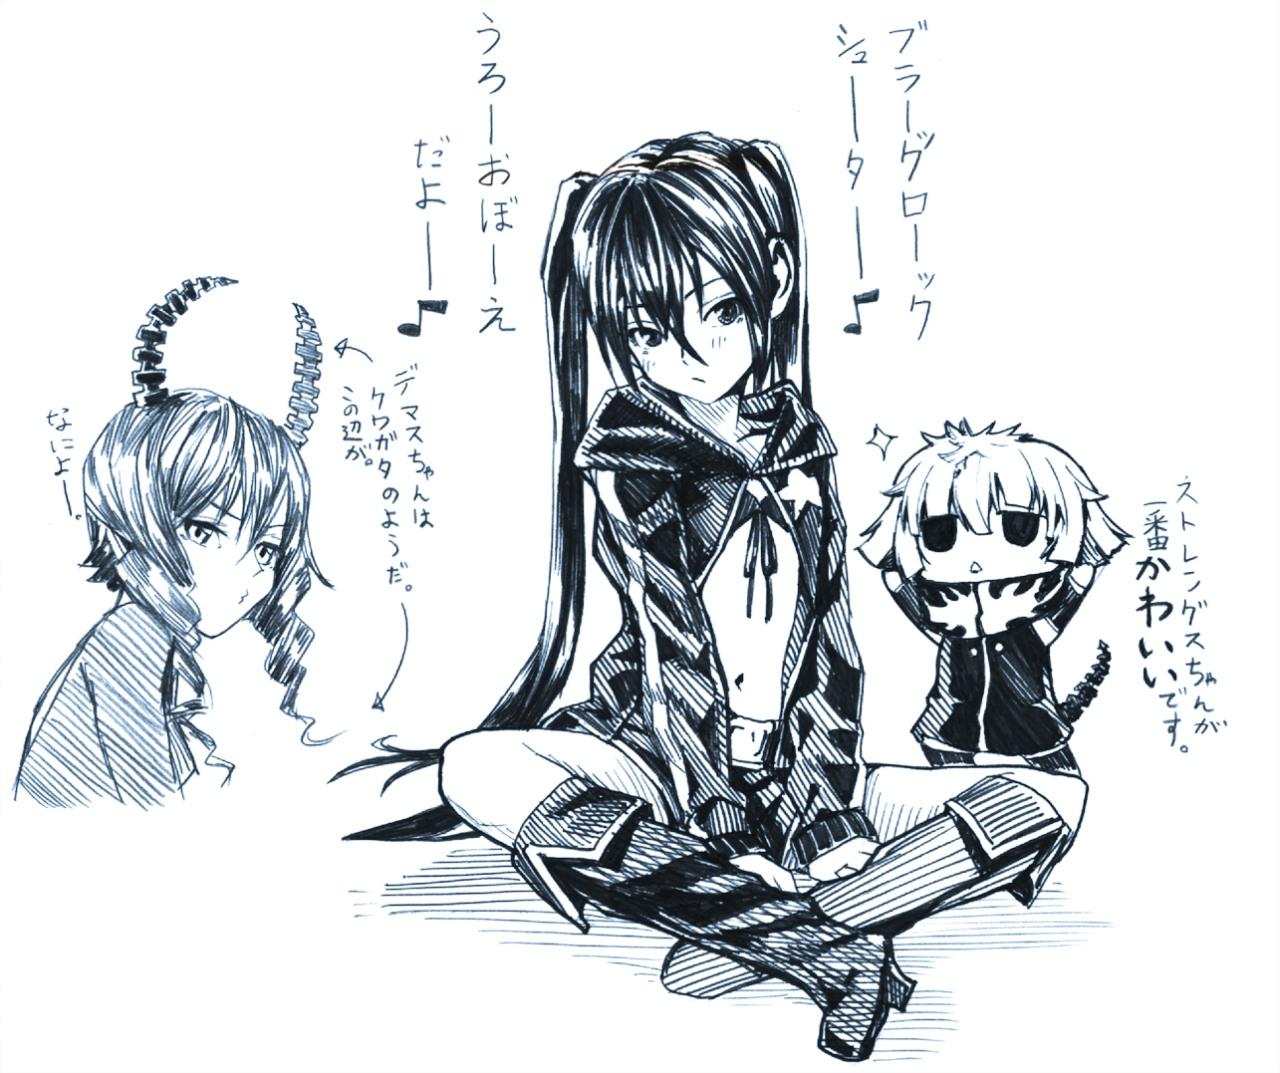 Три аниме девушки